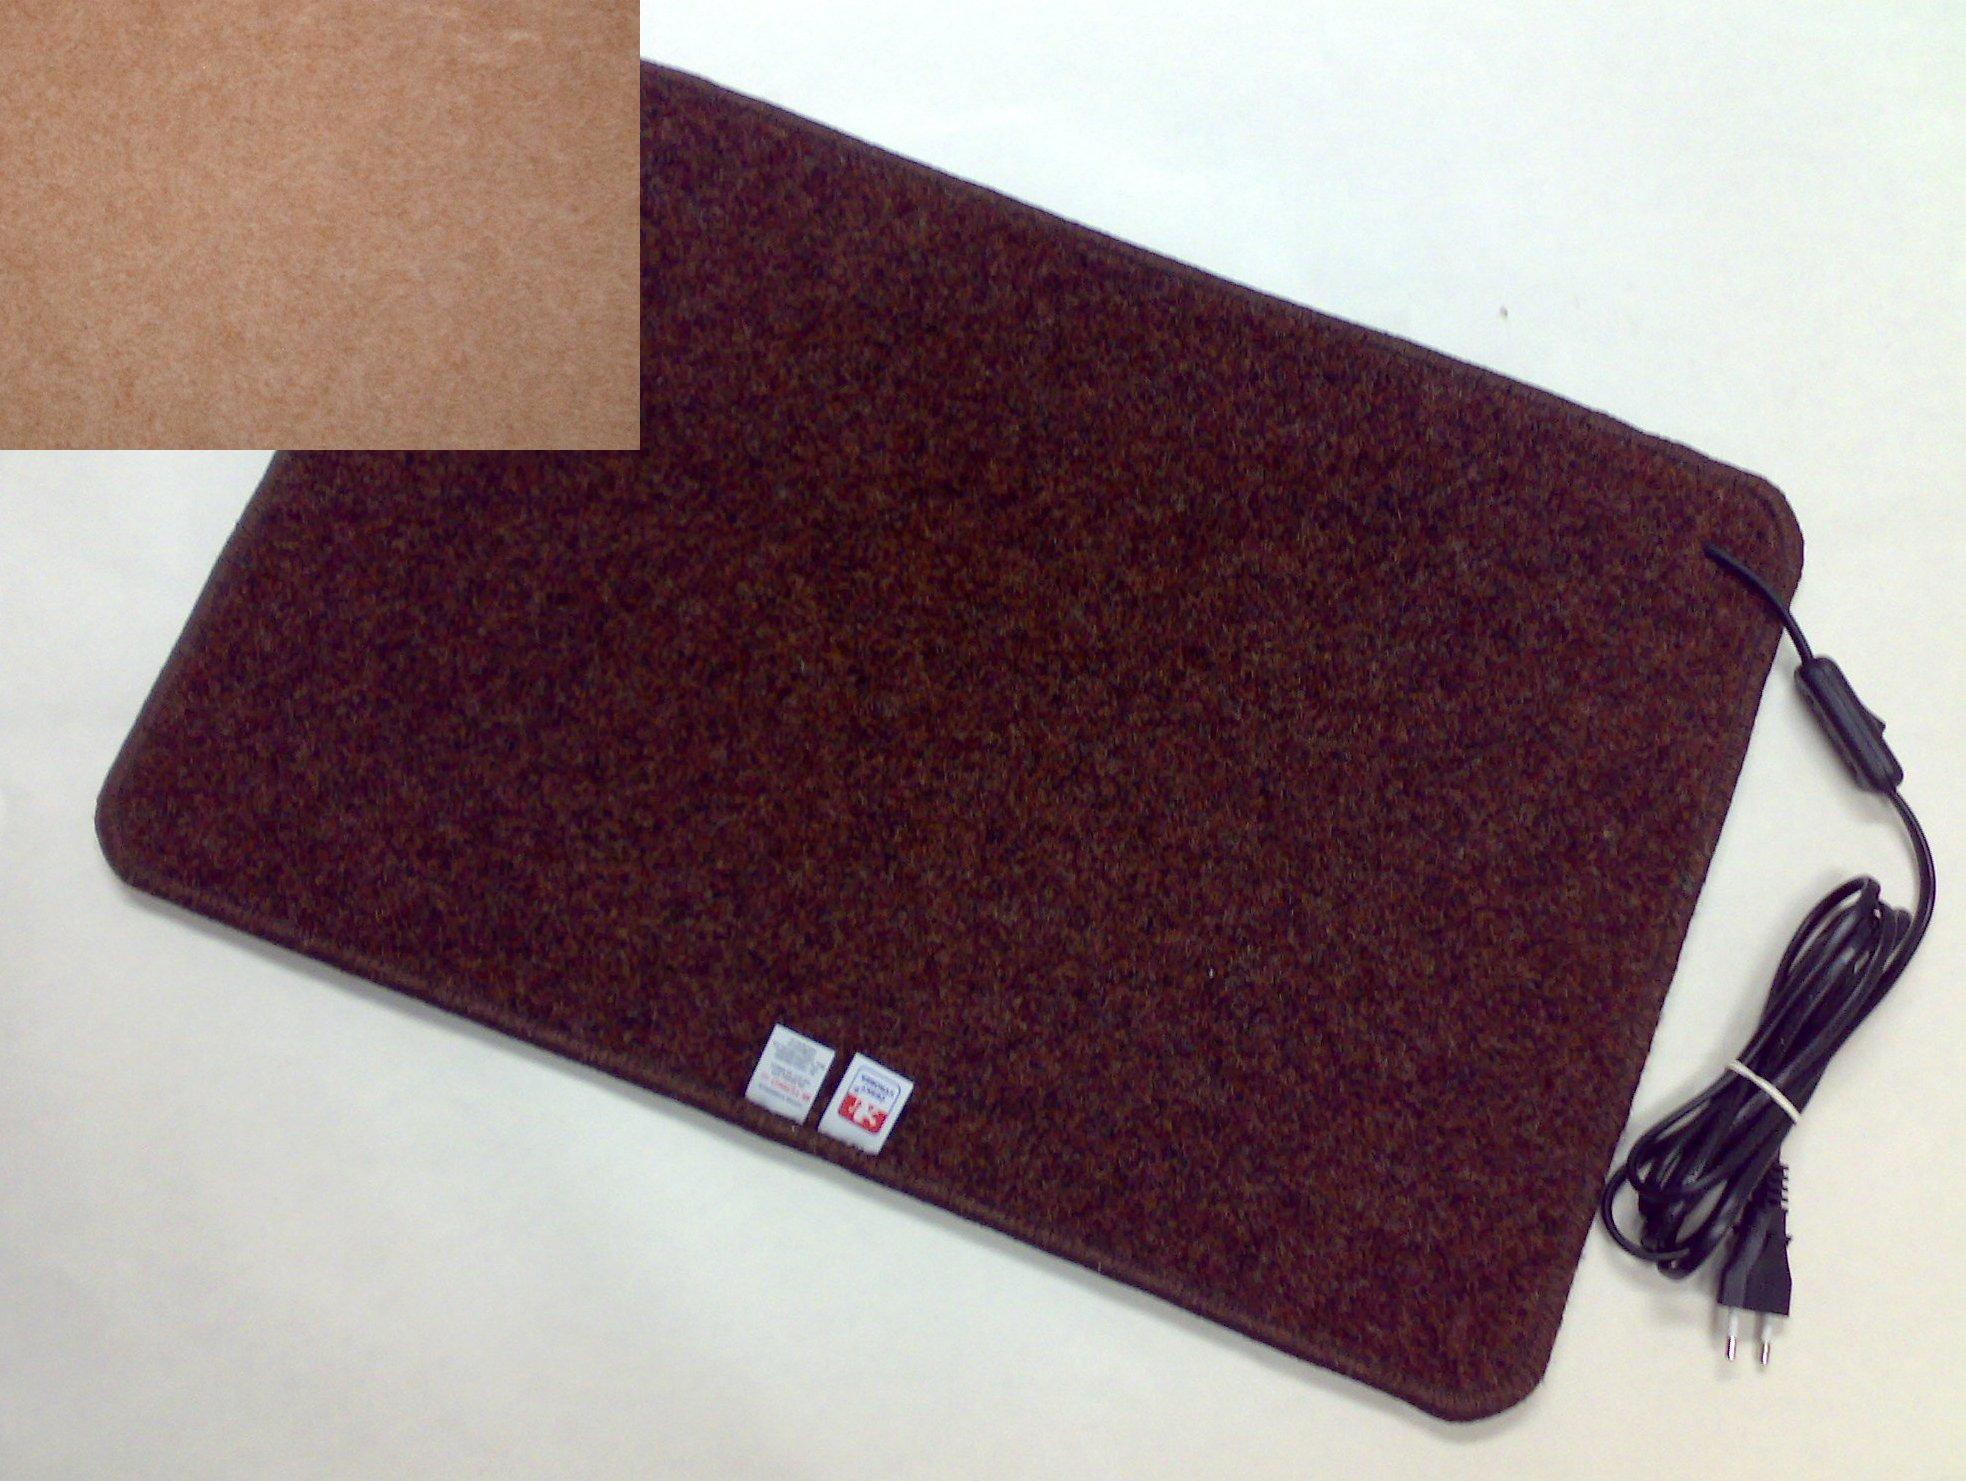 Topný koberec 40 x 60cm / 45W Barva: Béžový S70